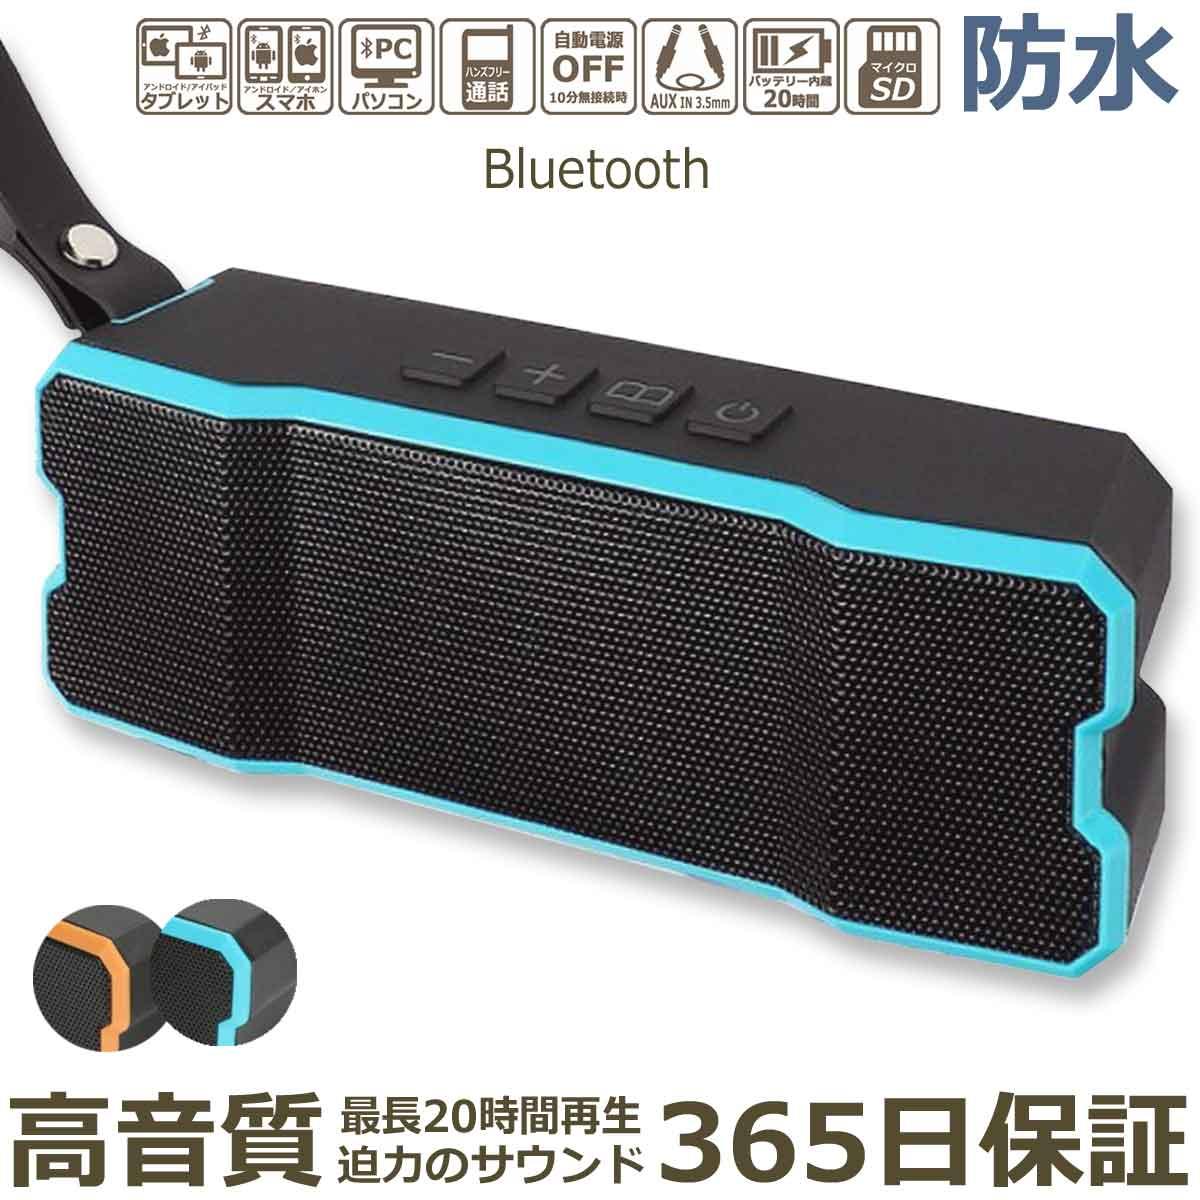 ブルートゥース 防水 スピーカー Bluetooth 風呂 防塵 高音質 高出力 重低音 電話 風呂 アウトドア 野外 旅行 屋外 iphone ipad ipod pc スマホ コスパ ブルー BT801